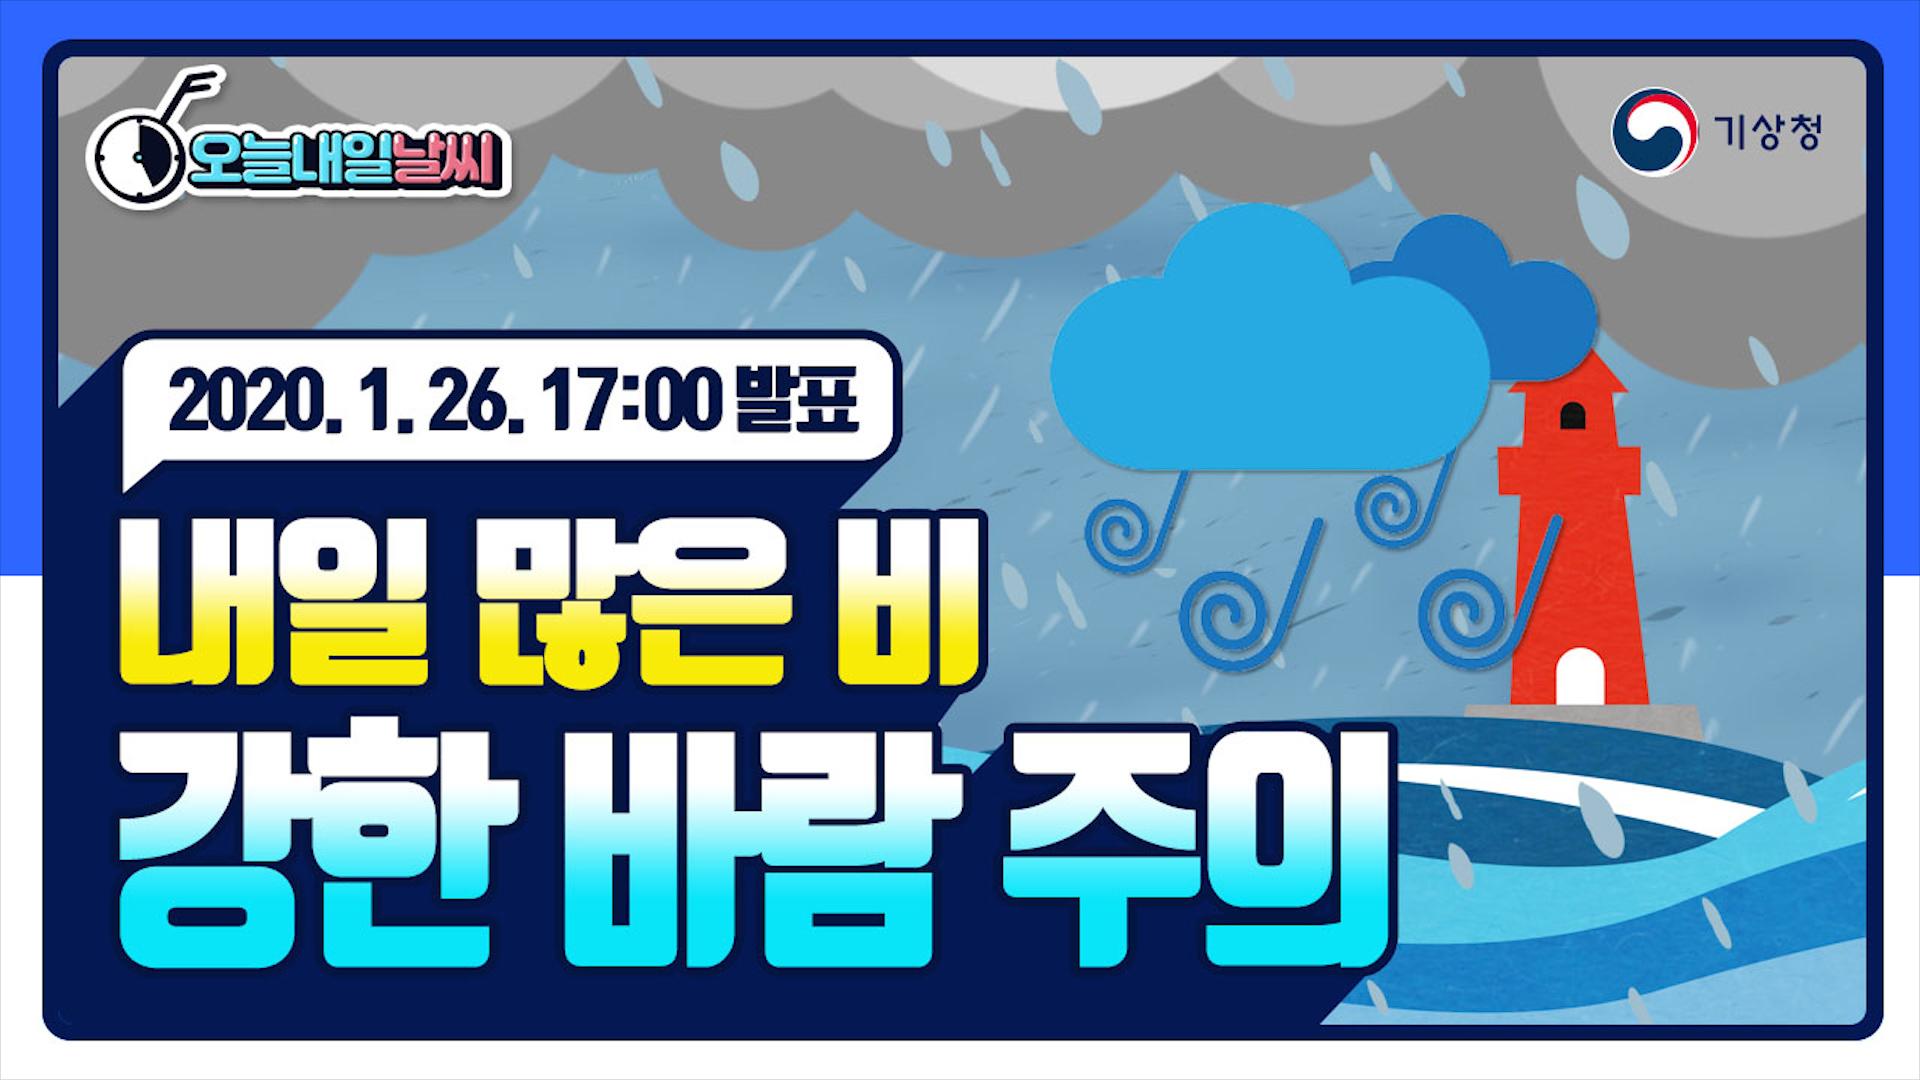 [예보가 알고싶다] 내일 많은 비, 강한 바람 주의, 1월 26일 17시 발표